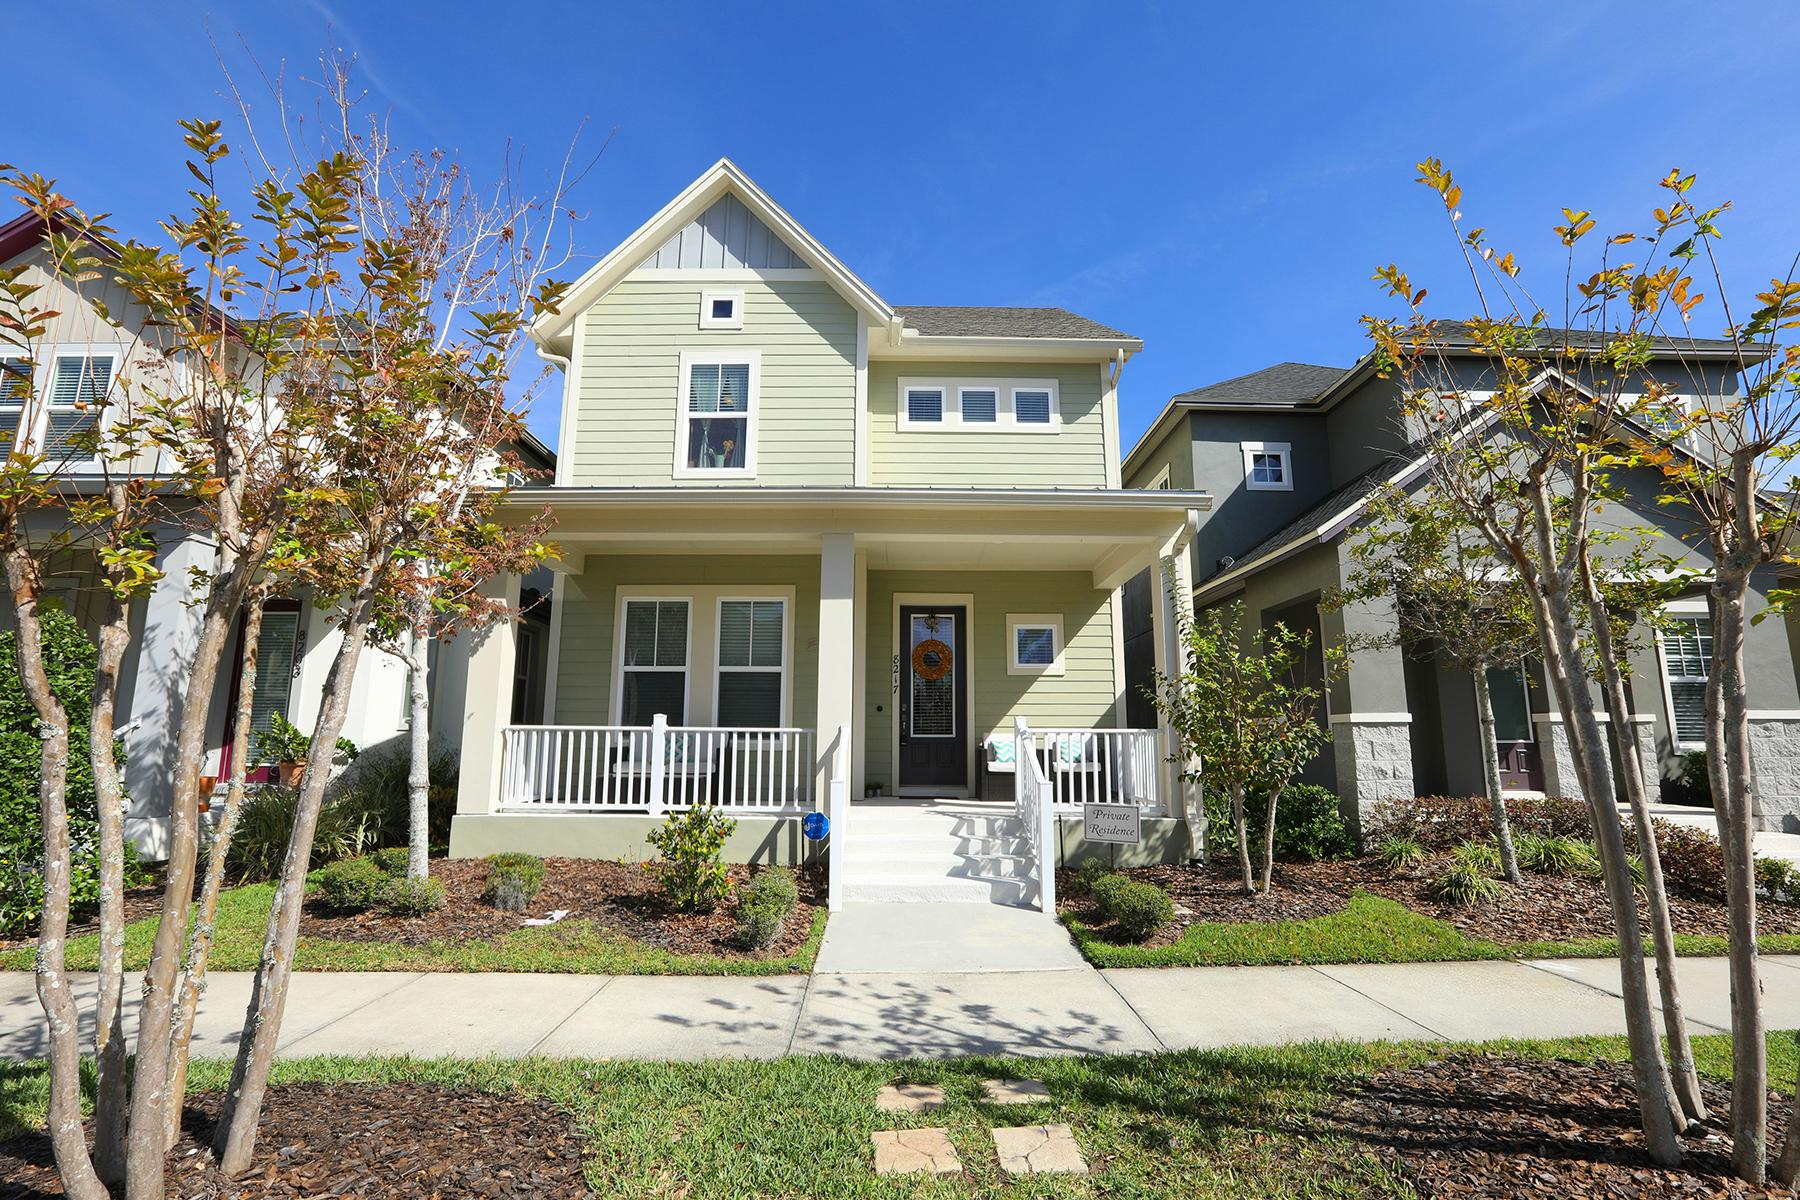 واحد منزل الأسرة للـ Sale في ORLANDO 8217 Laureate Blvd, Orlando, Florida, 32827 United States